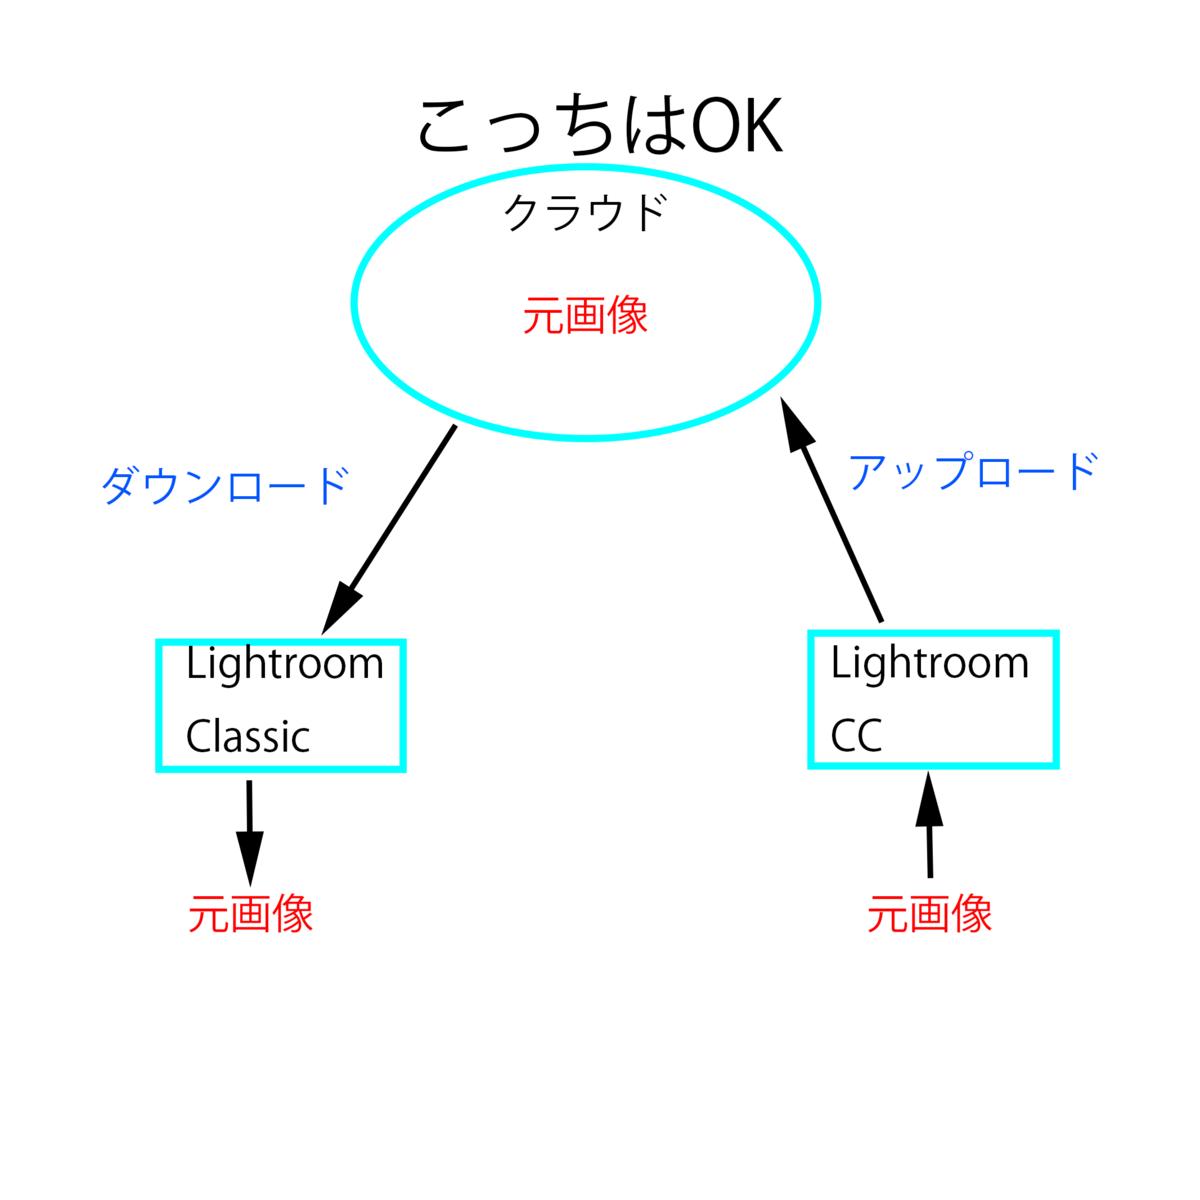 f:id:fornax:20200726232926p:plain